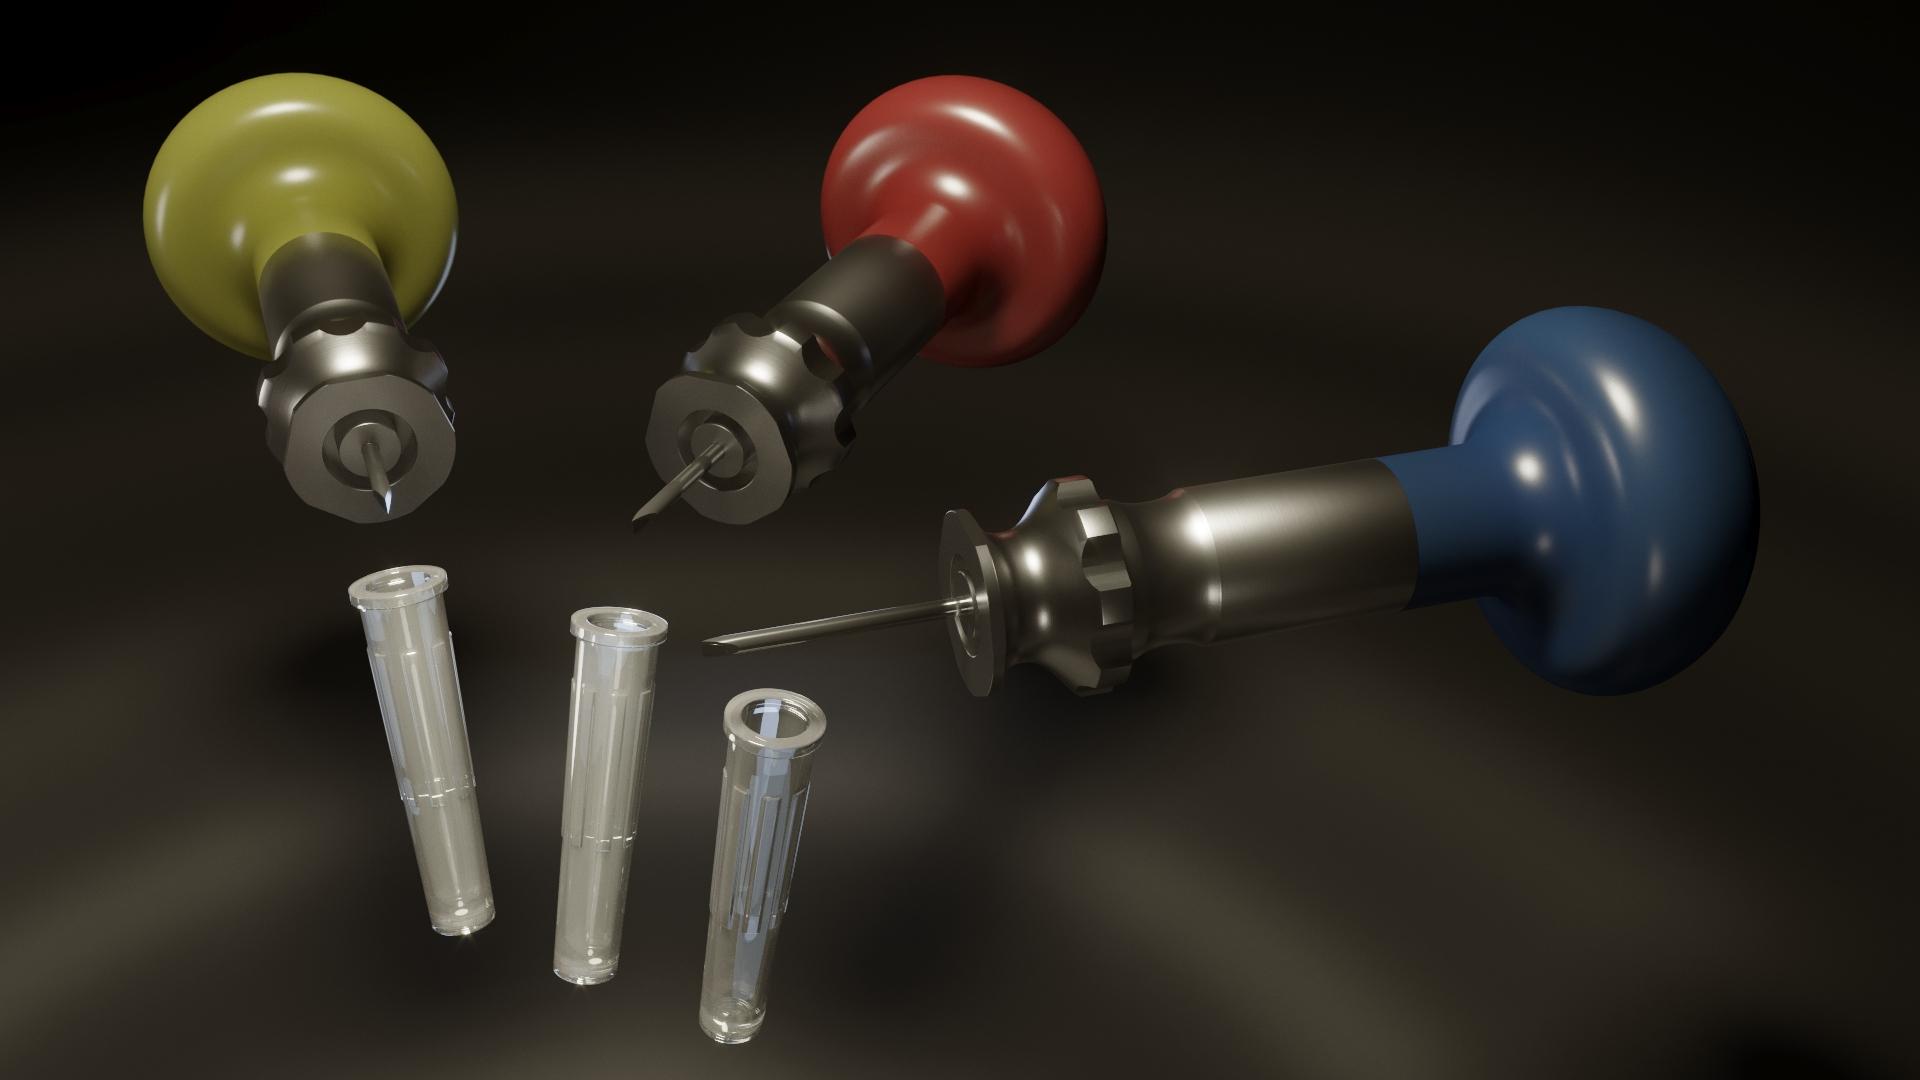 UVK kit in 3d max corona render image